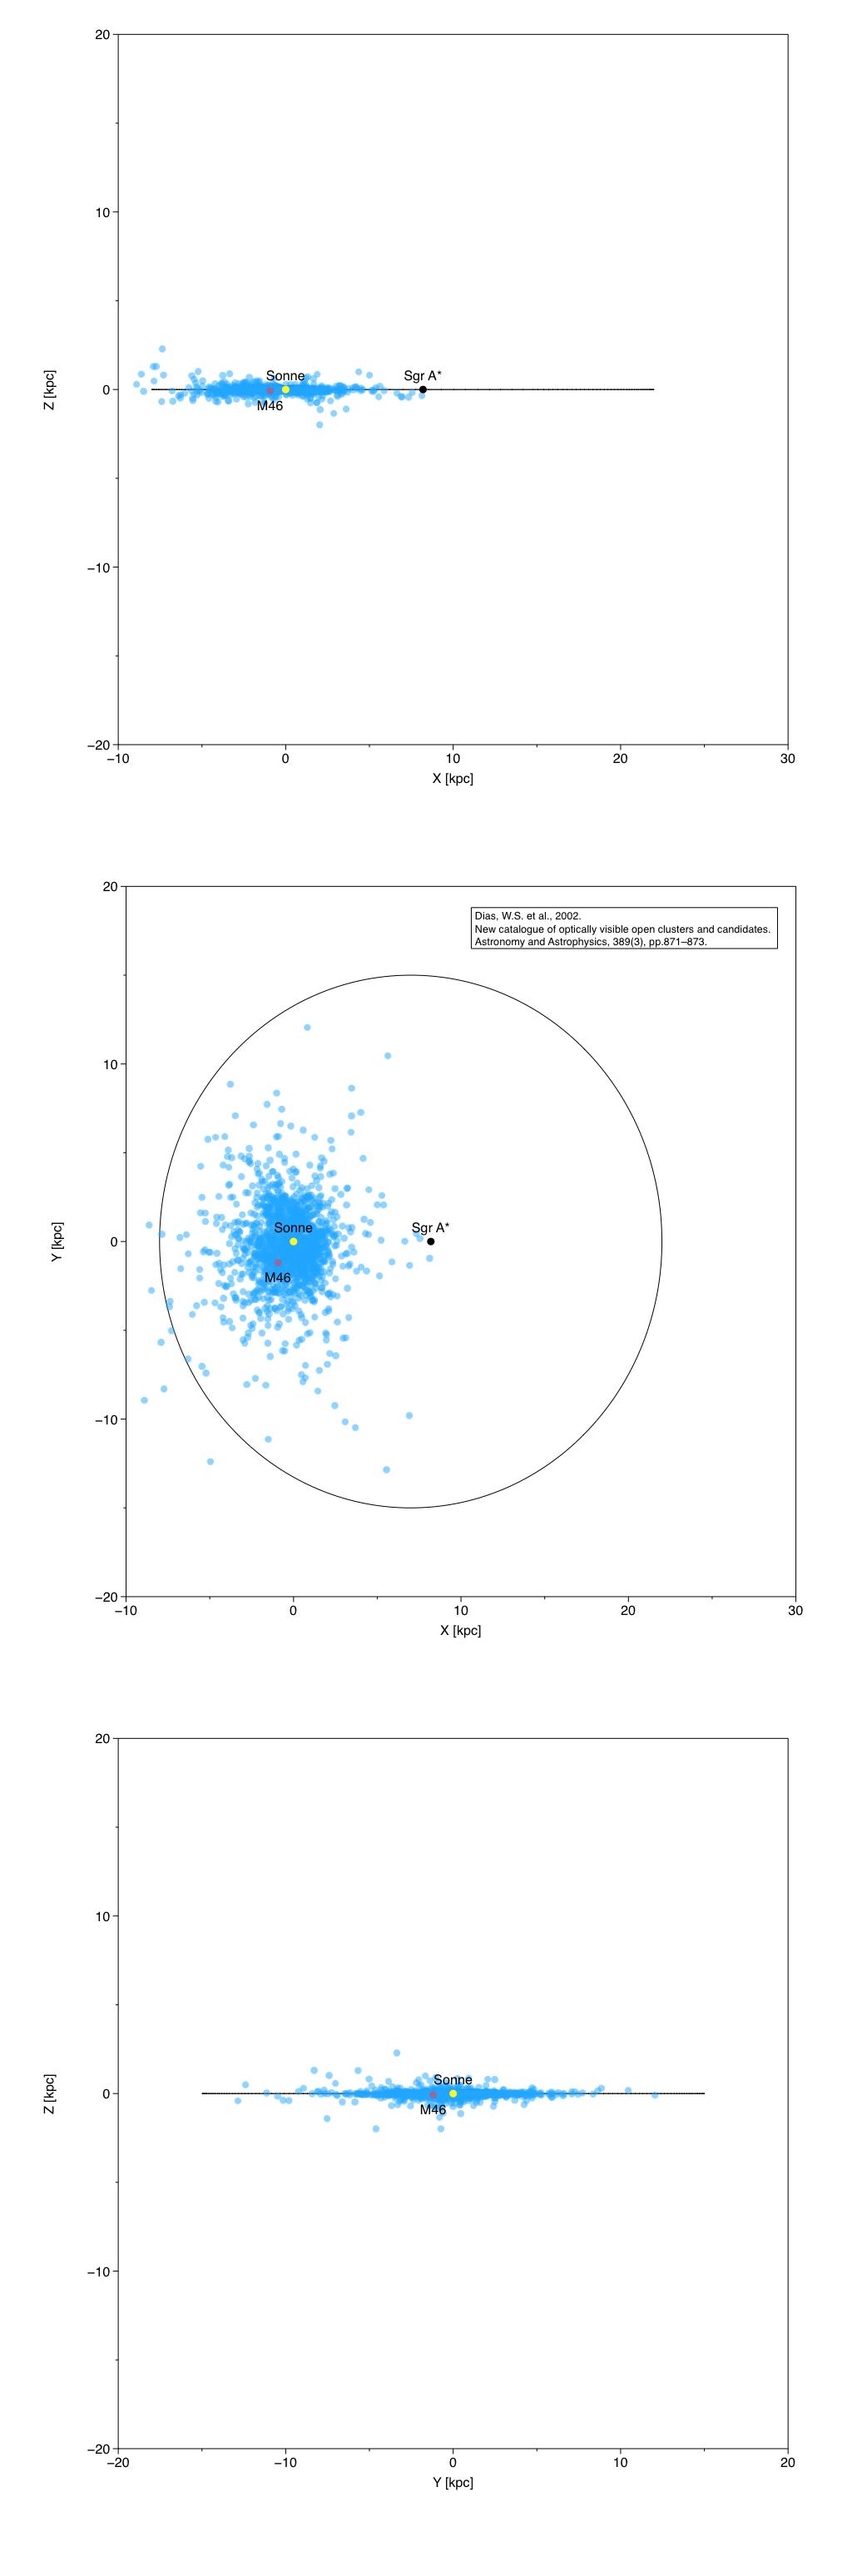 Die Position vom M46 (rot) innerhalb der Milchstrasse. Sonne (gelb), Zentrum der Milchstraße (schwarz), andere offene Sternhaufen (blau). Die Milchstraße wird durch einen erweiterten Kreis mit einem Durchmesser von 30 kpc angedeutet. Die x-Achse zeigt Richtung des Zentrum und die y-Achse in Richtung der Rotation der Milchstraße, die z-Achse weist auf den galaktischen Nordpol.